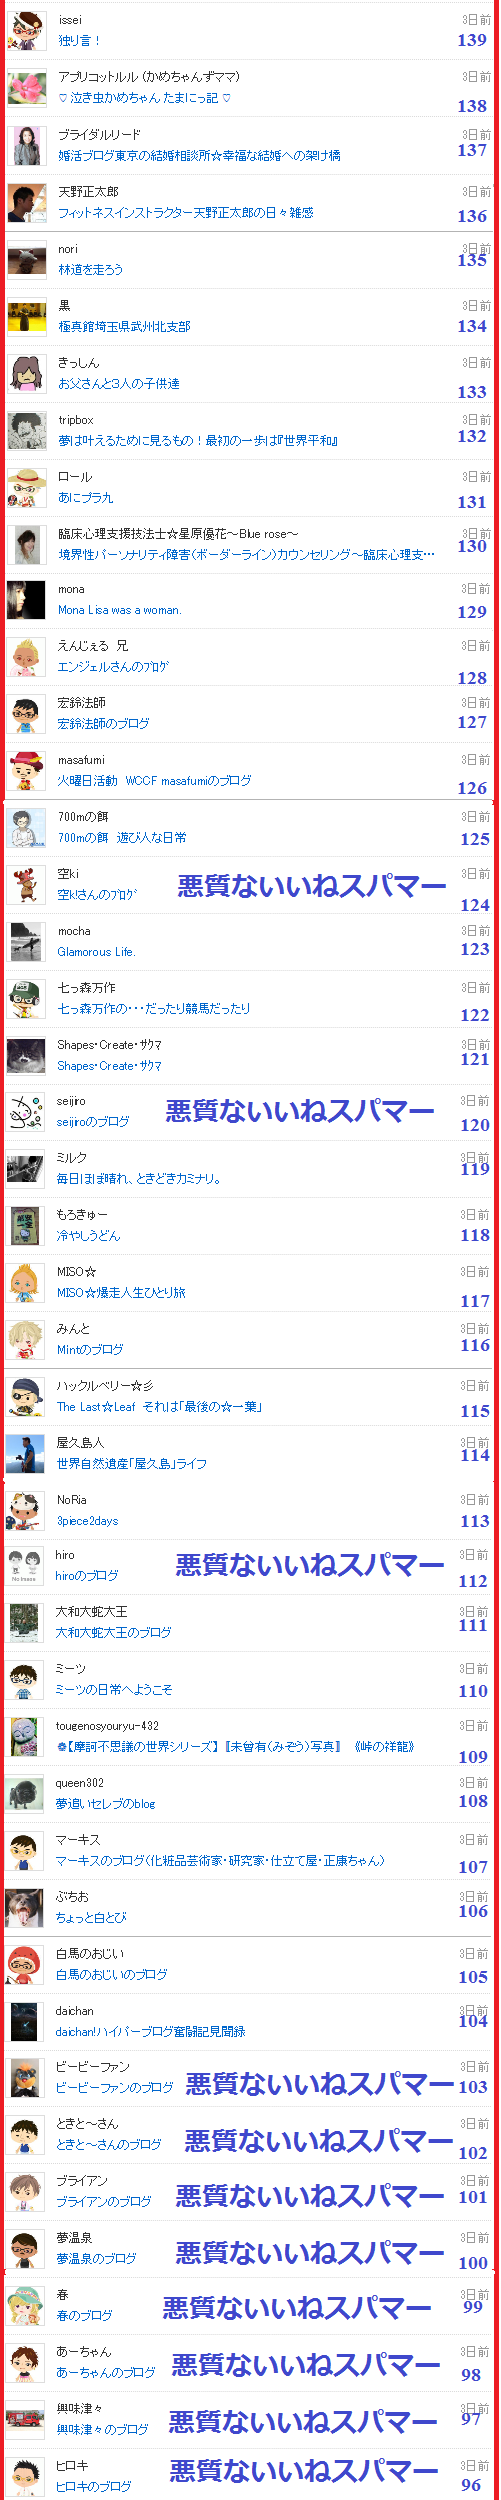 つぶちゃんは悪質スパマーのブログに付いた「いいねリスト4」